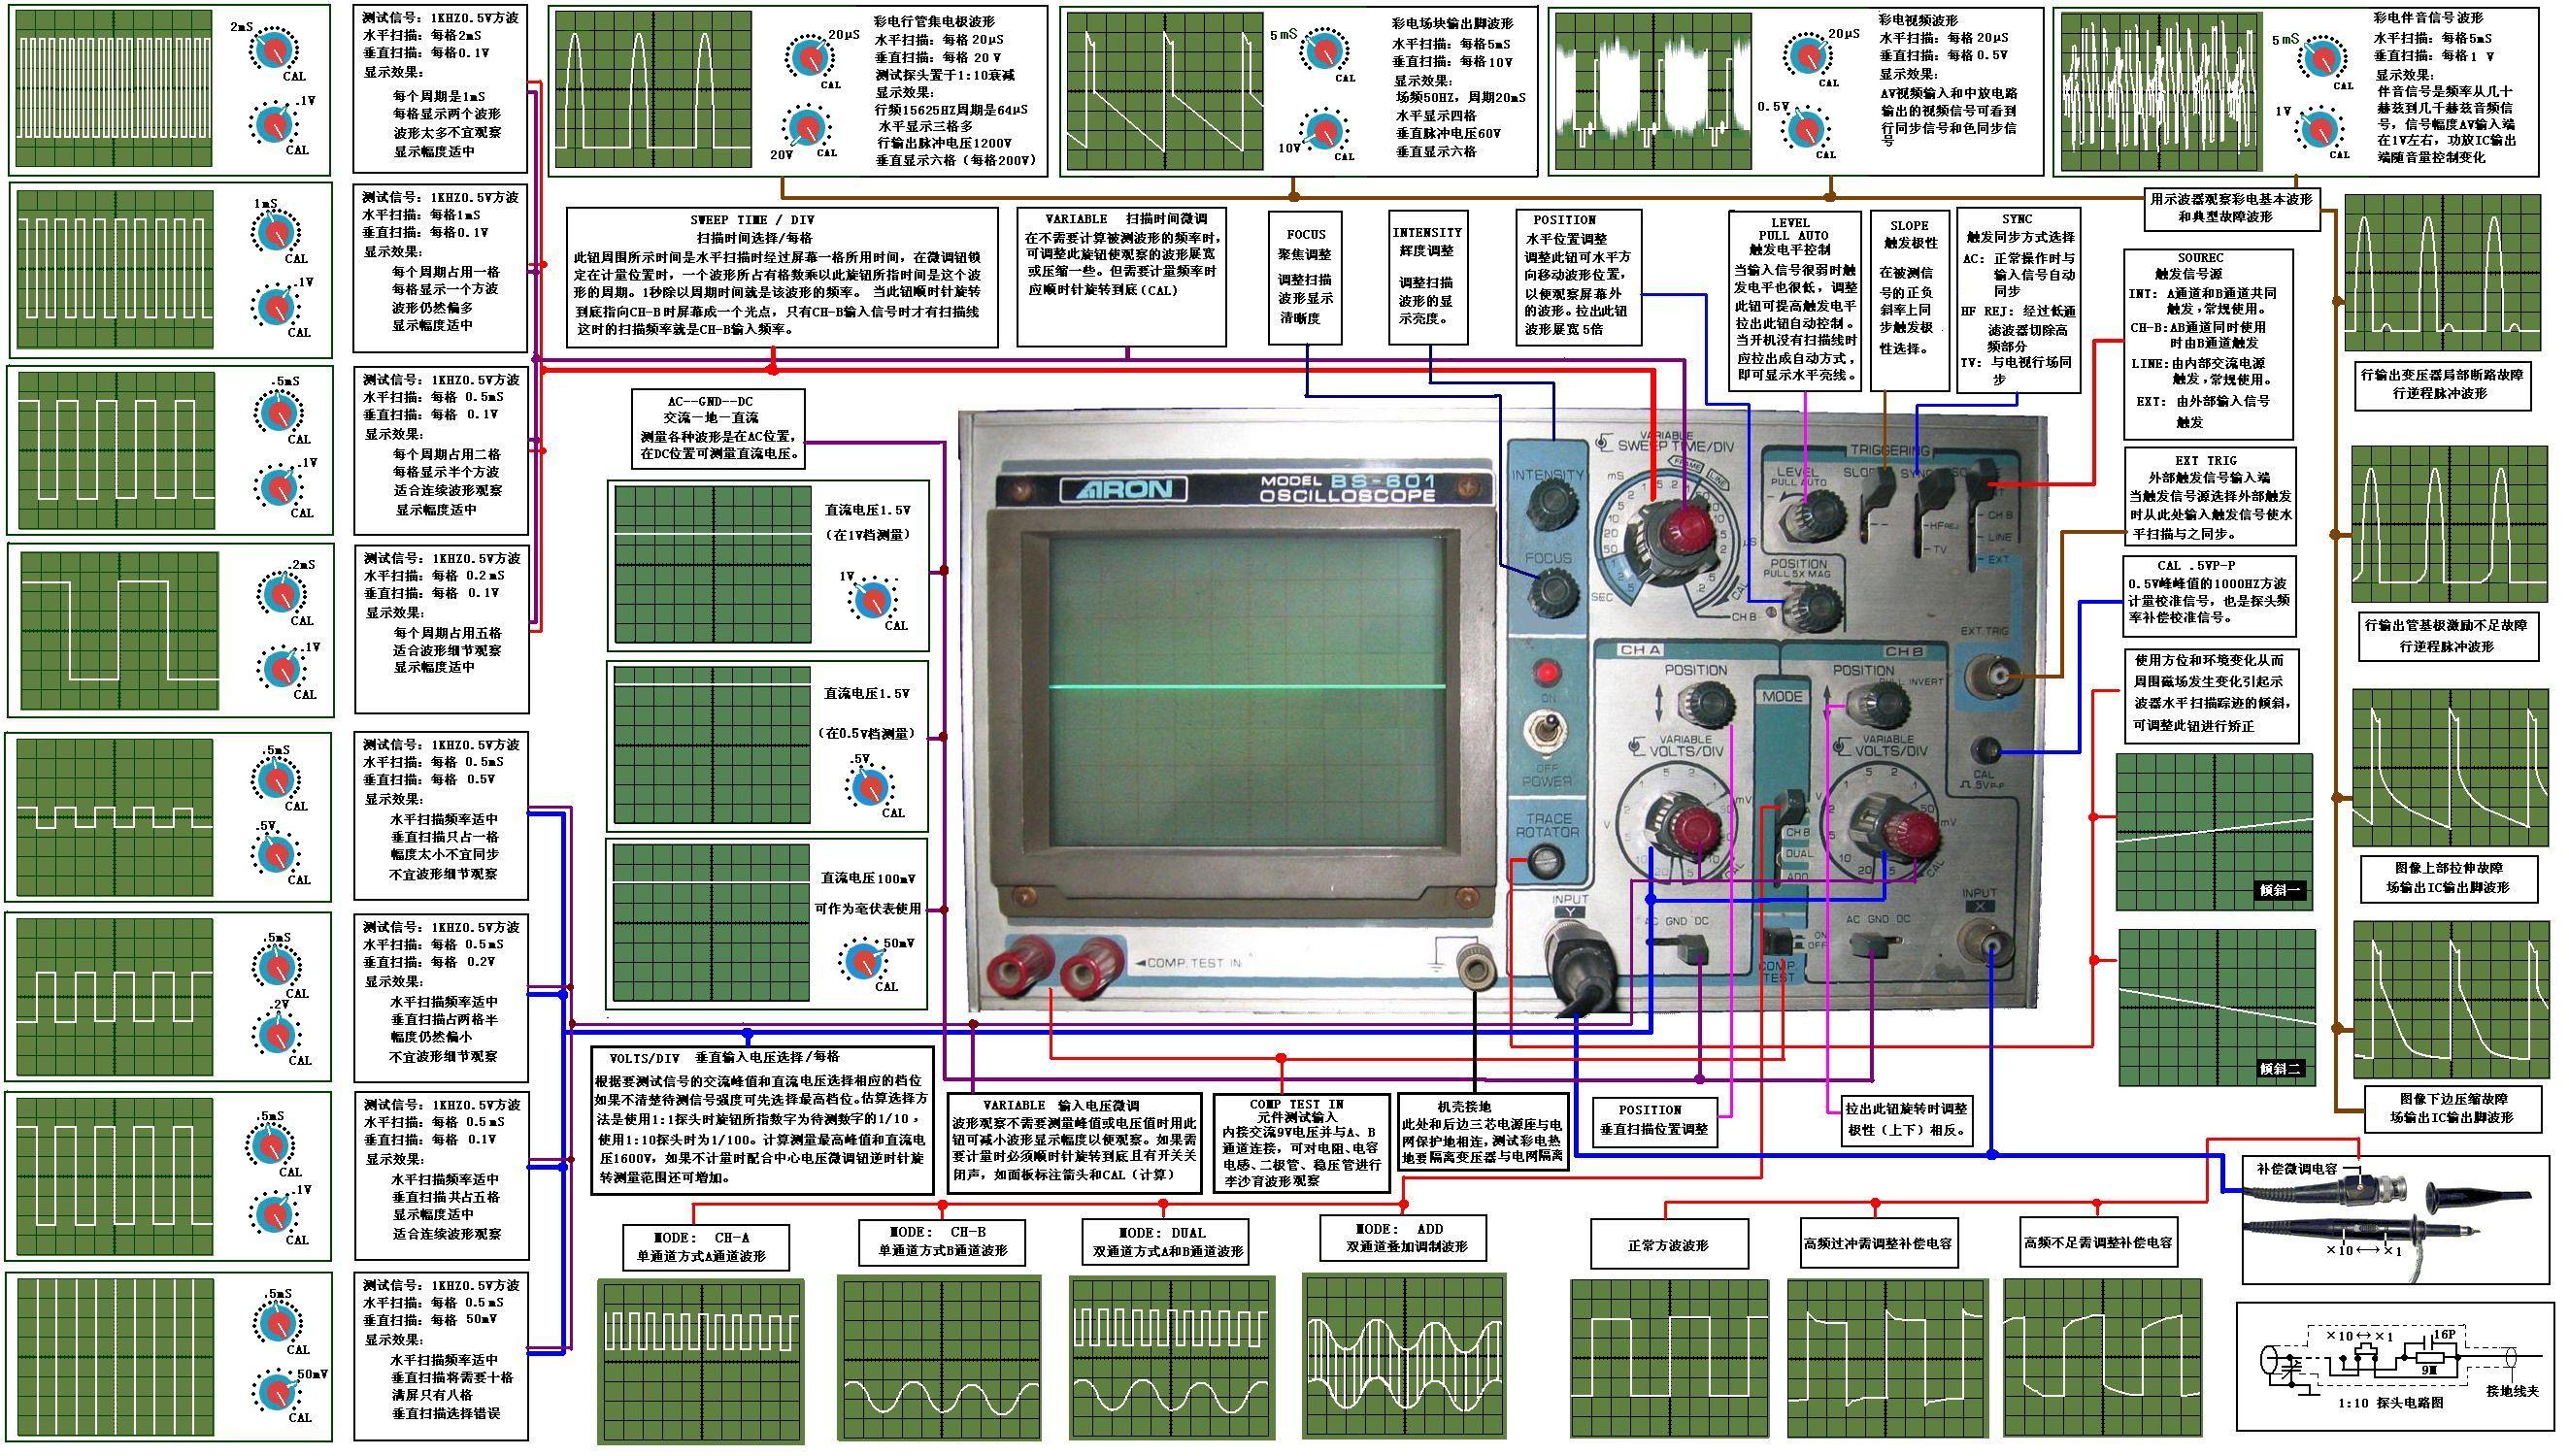 双踪模拟示波器电路图